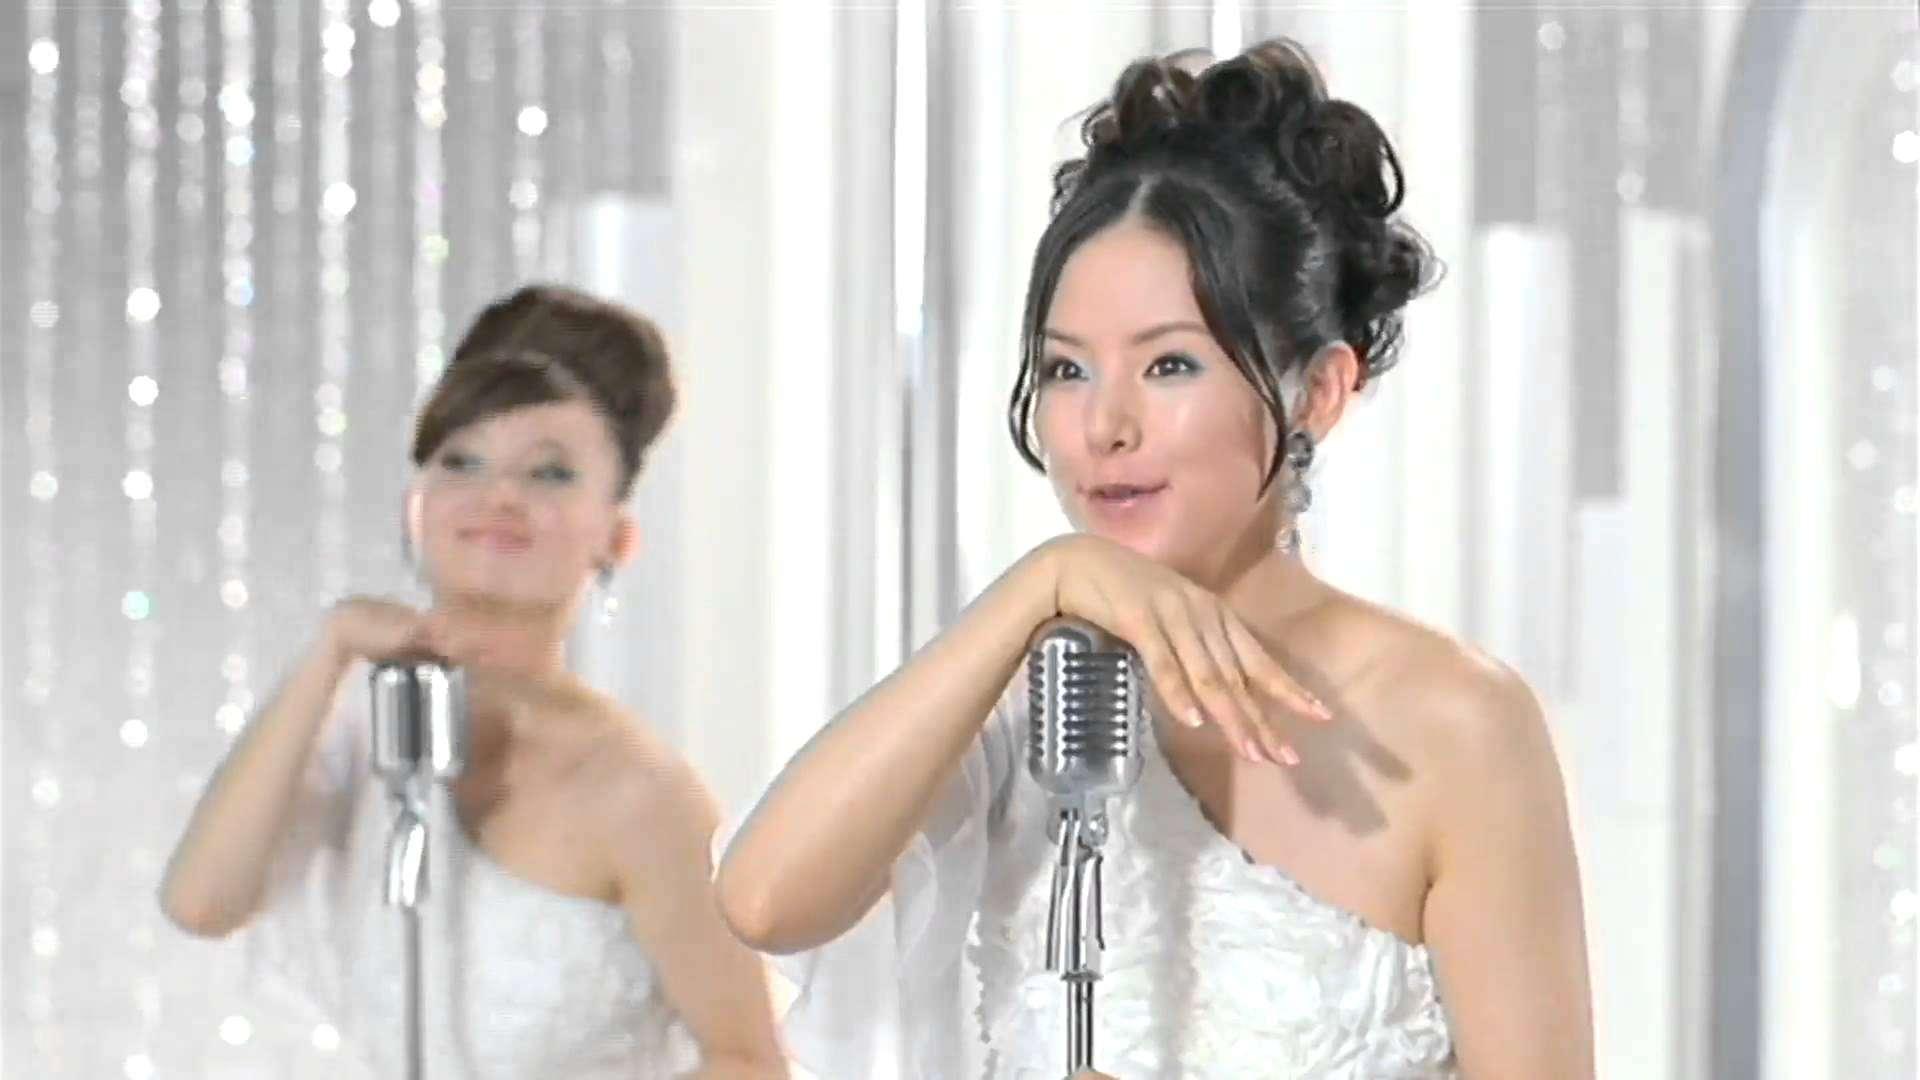 いいなCM サンスター VO5 小西真奈美 「スーパーキープソング」篇 - YouTube